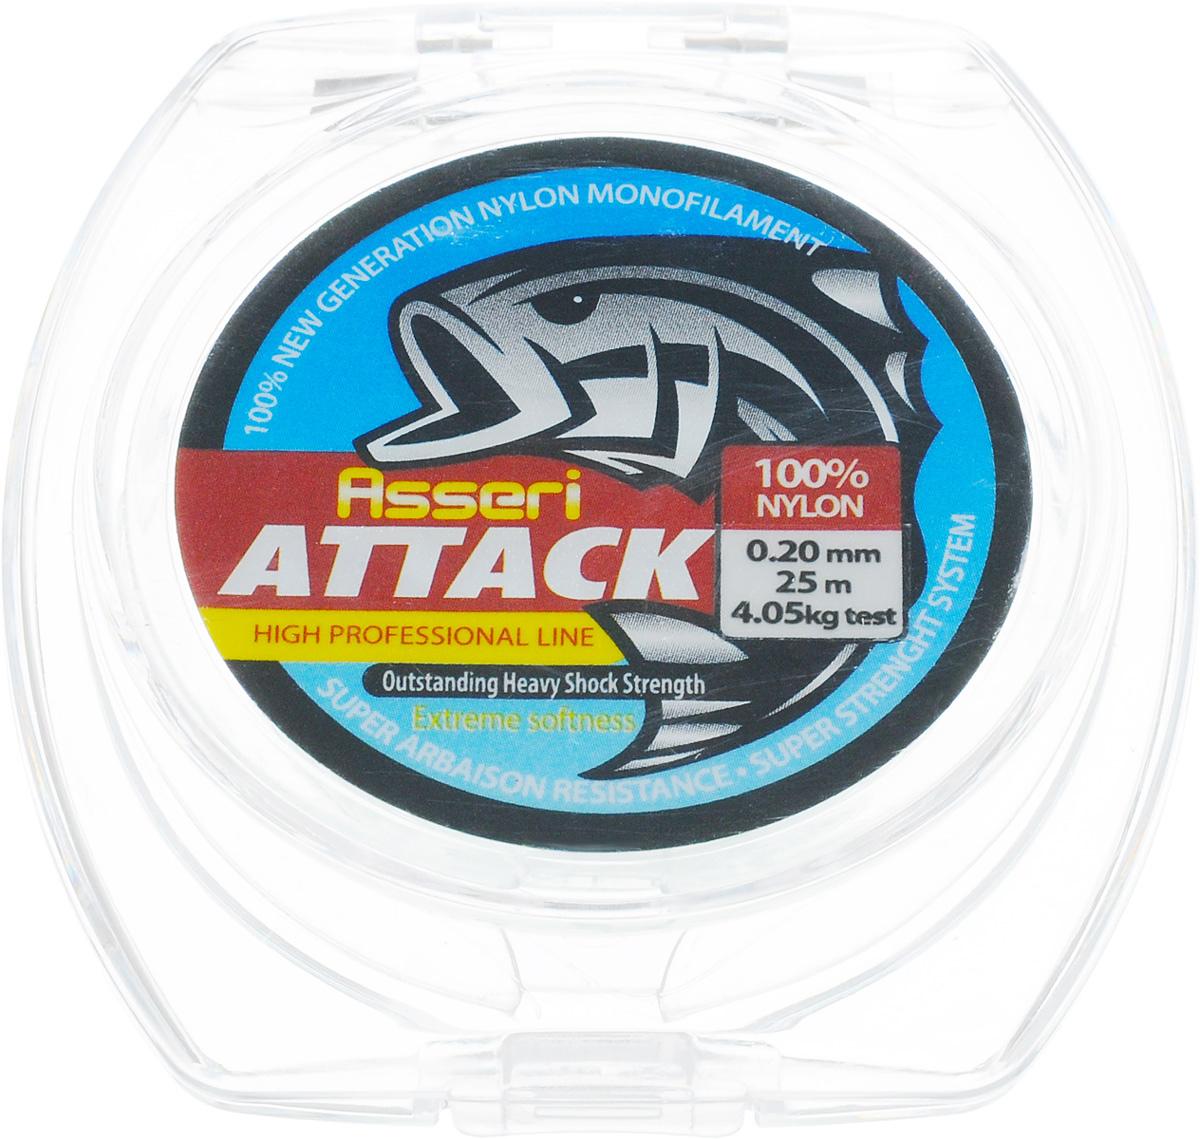 Леска зимняя Asseri Attack, цвет: прозрачный, 25 м, 0,20 мм, 4,05 кг807Леска Asseri Attack изготовлена из 100% нейлона и рассчитана на рыбную ловлю в зимних условиях. Она очень прочная, хорошо тянется и долговечна в применении.